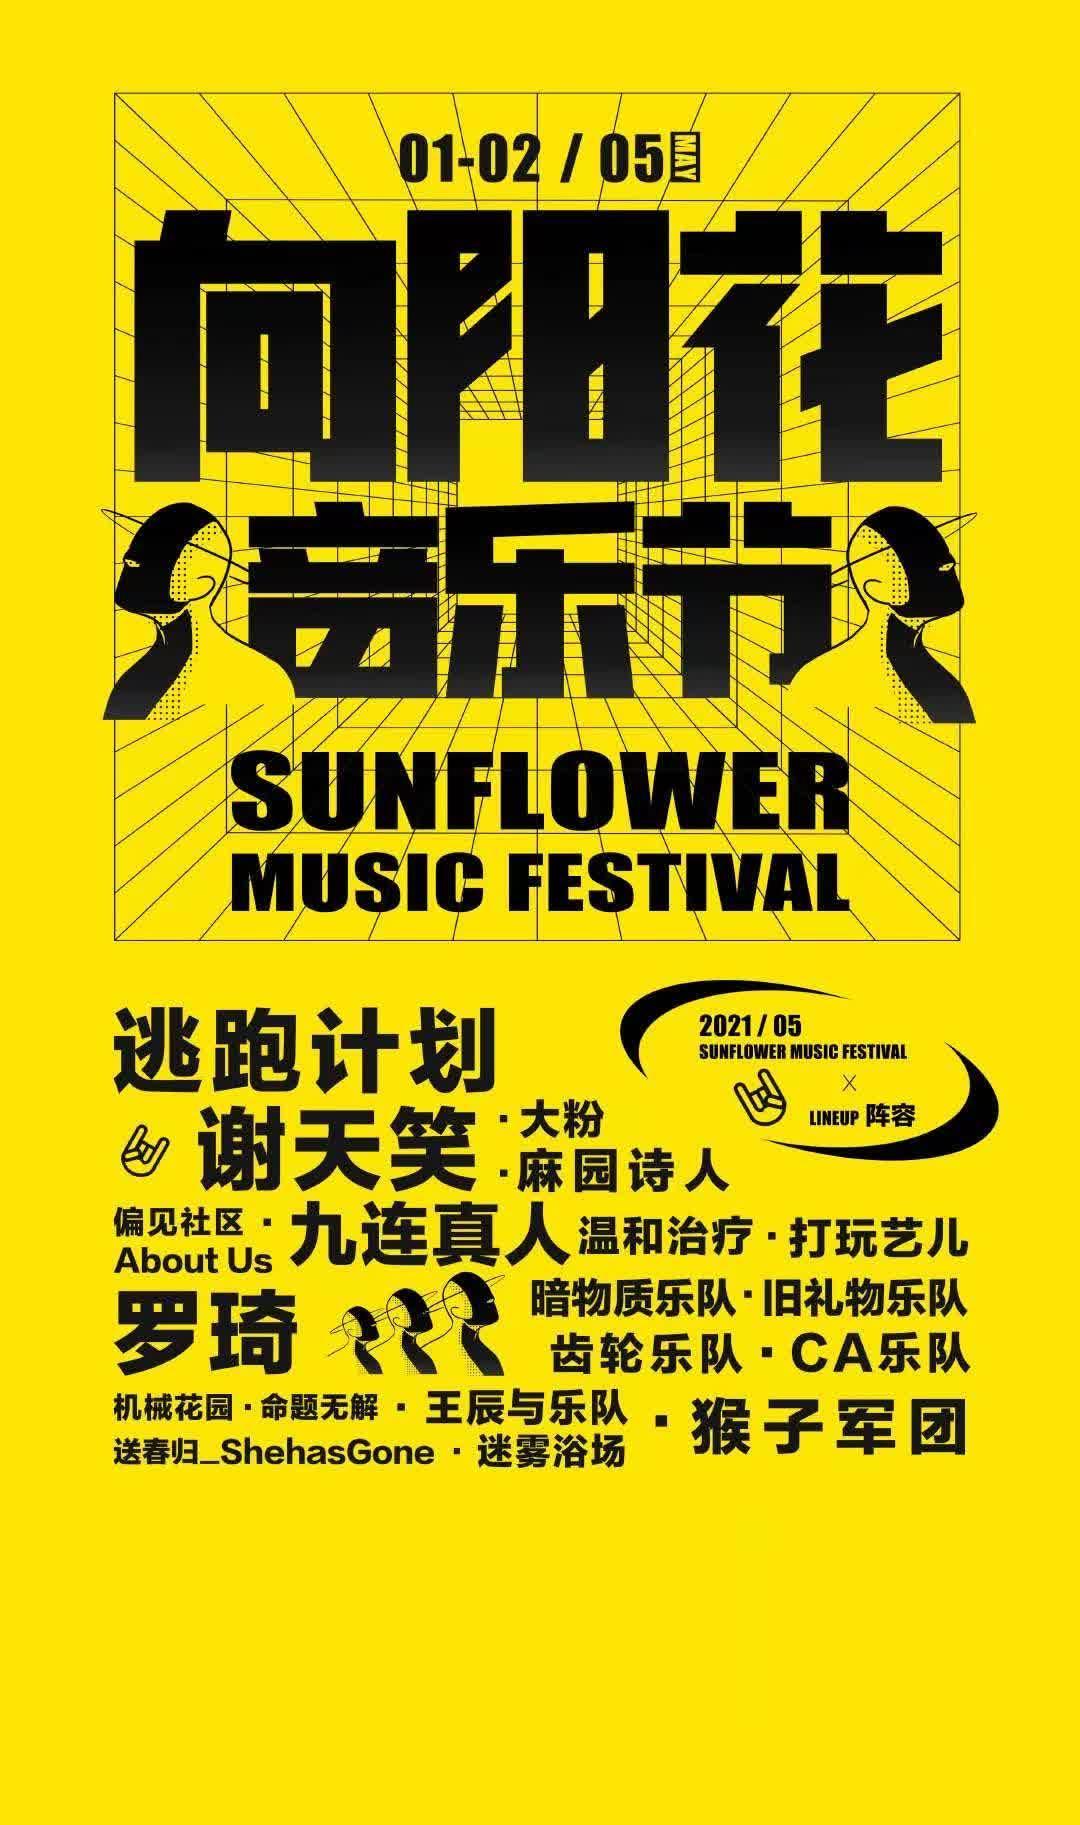 淄博向阳花音乐节